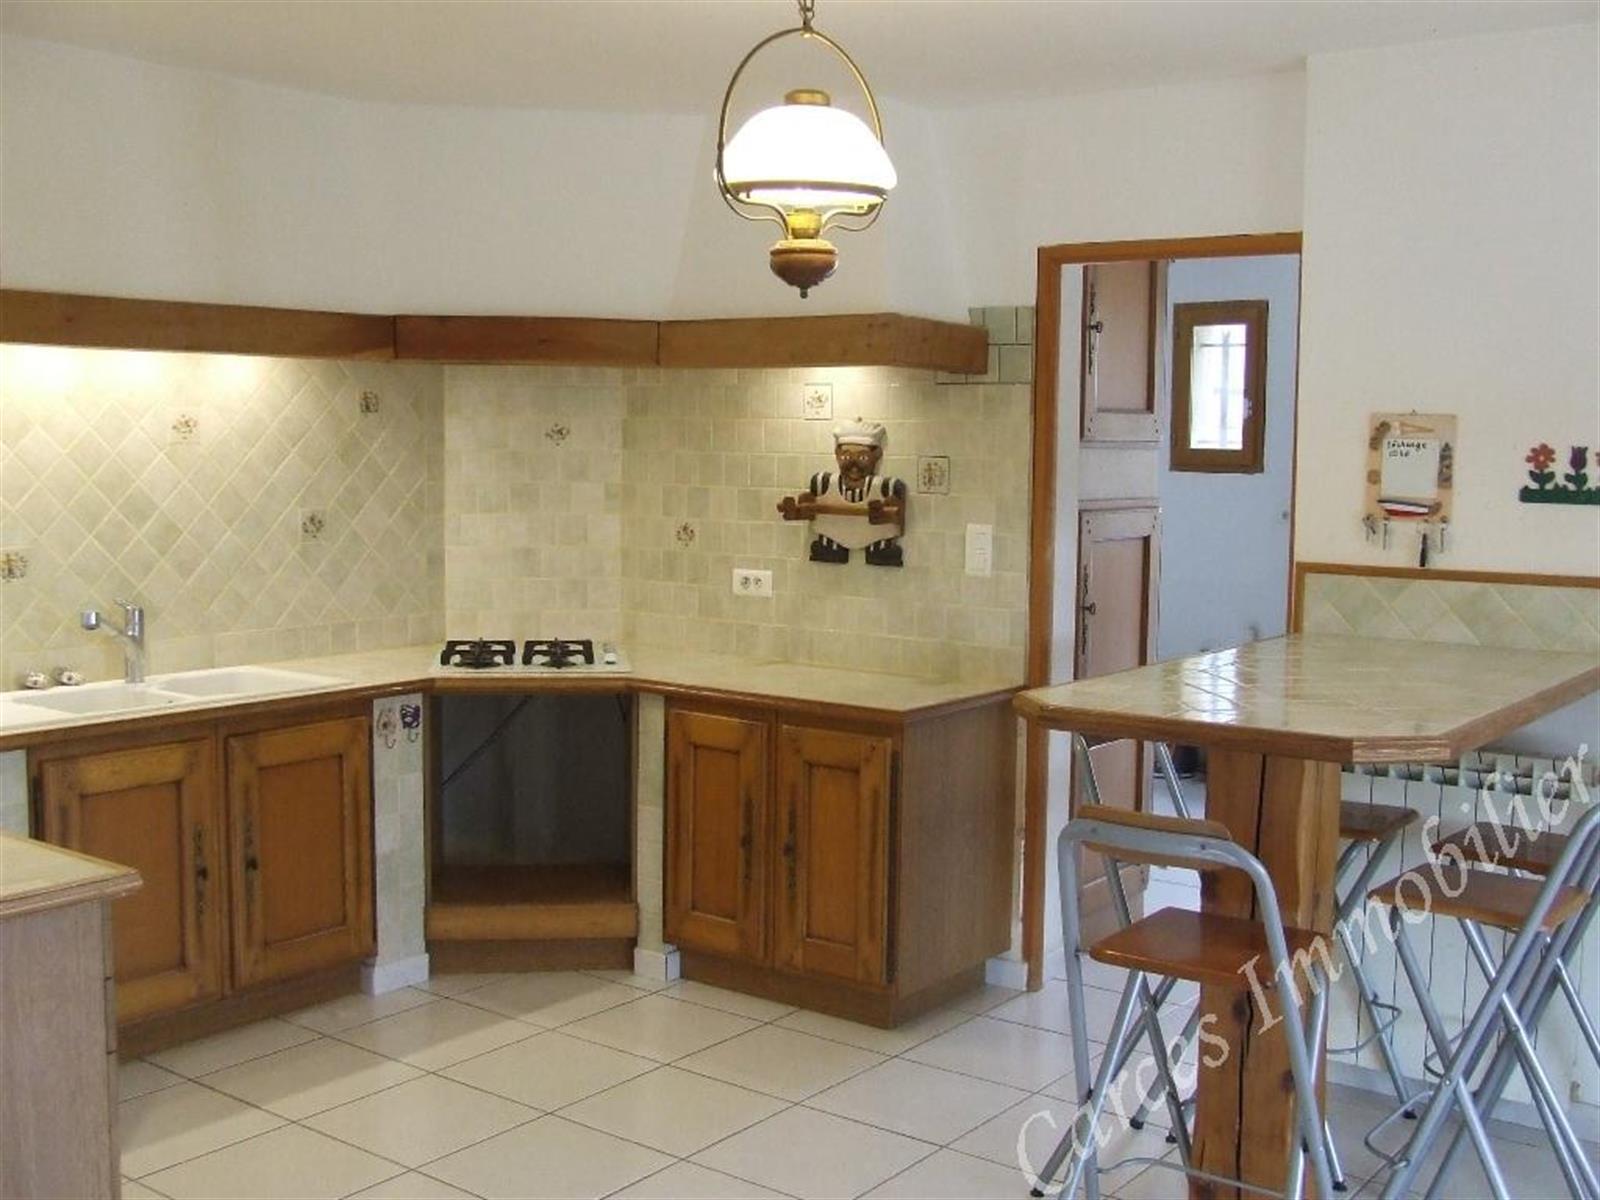 Maison de vacances - Cotignac - #4184431-3